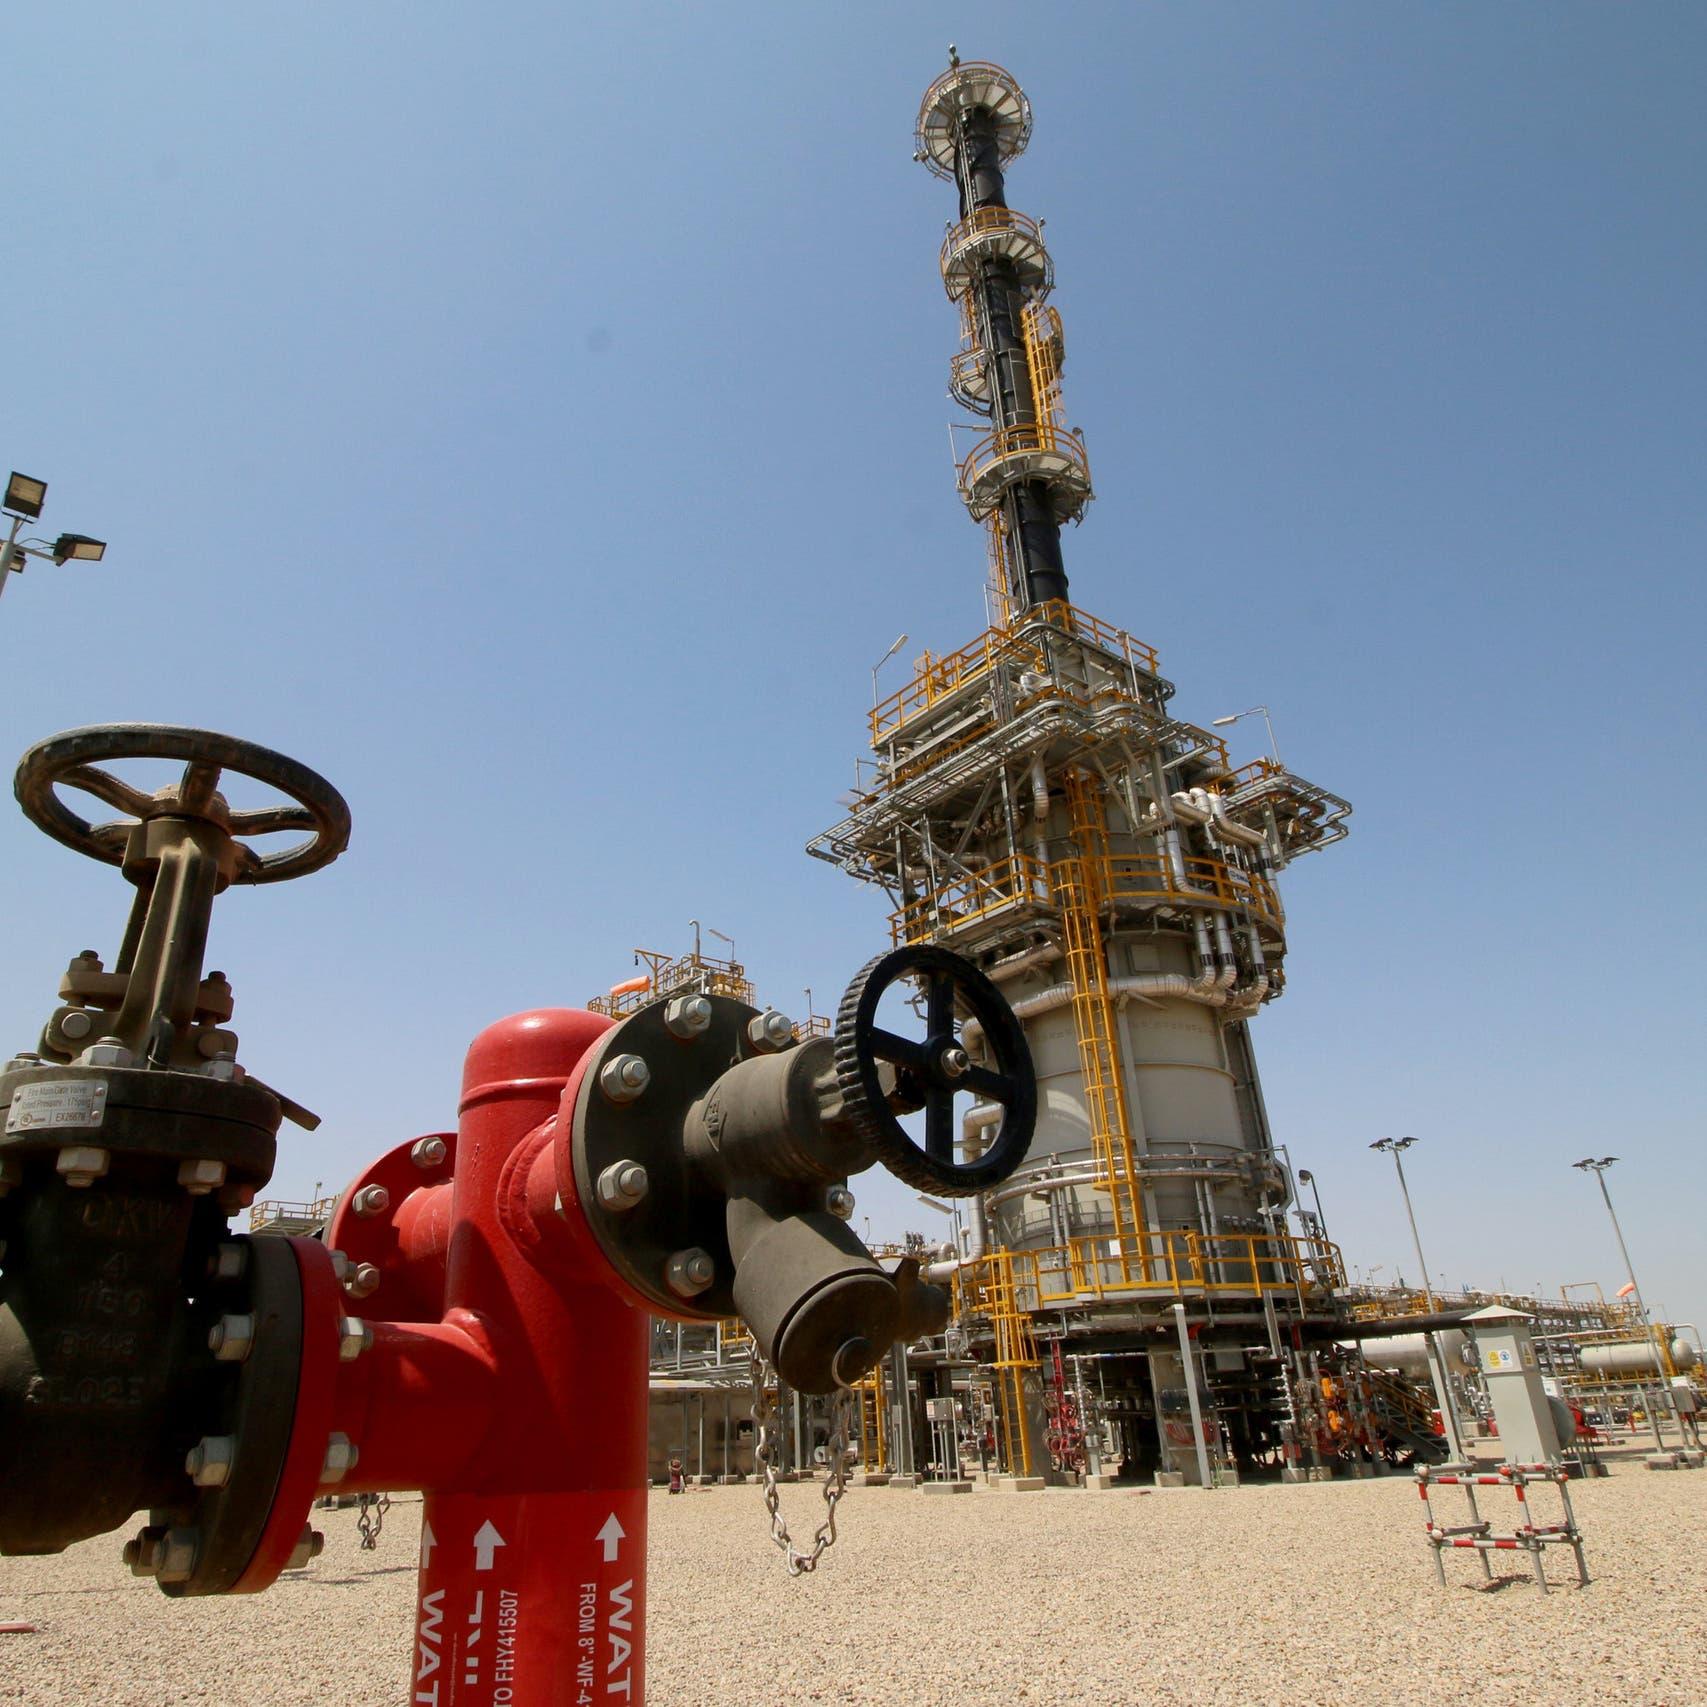 العراق يراجع عقود النفط في الحقول عالية التكاليف